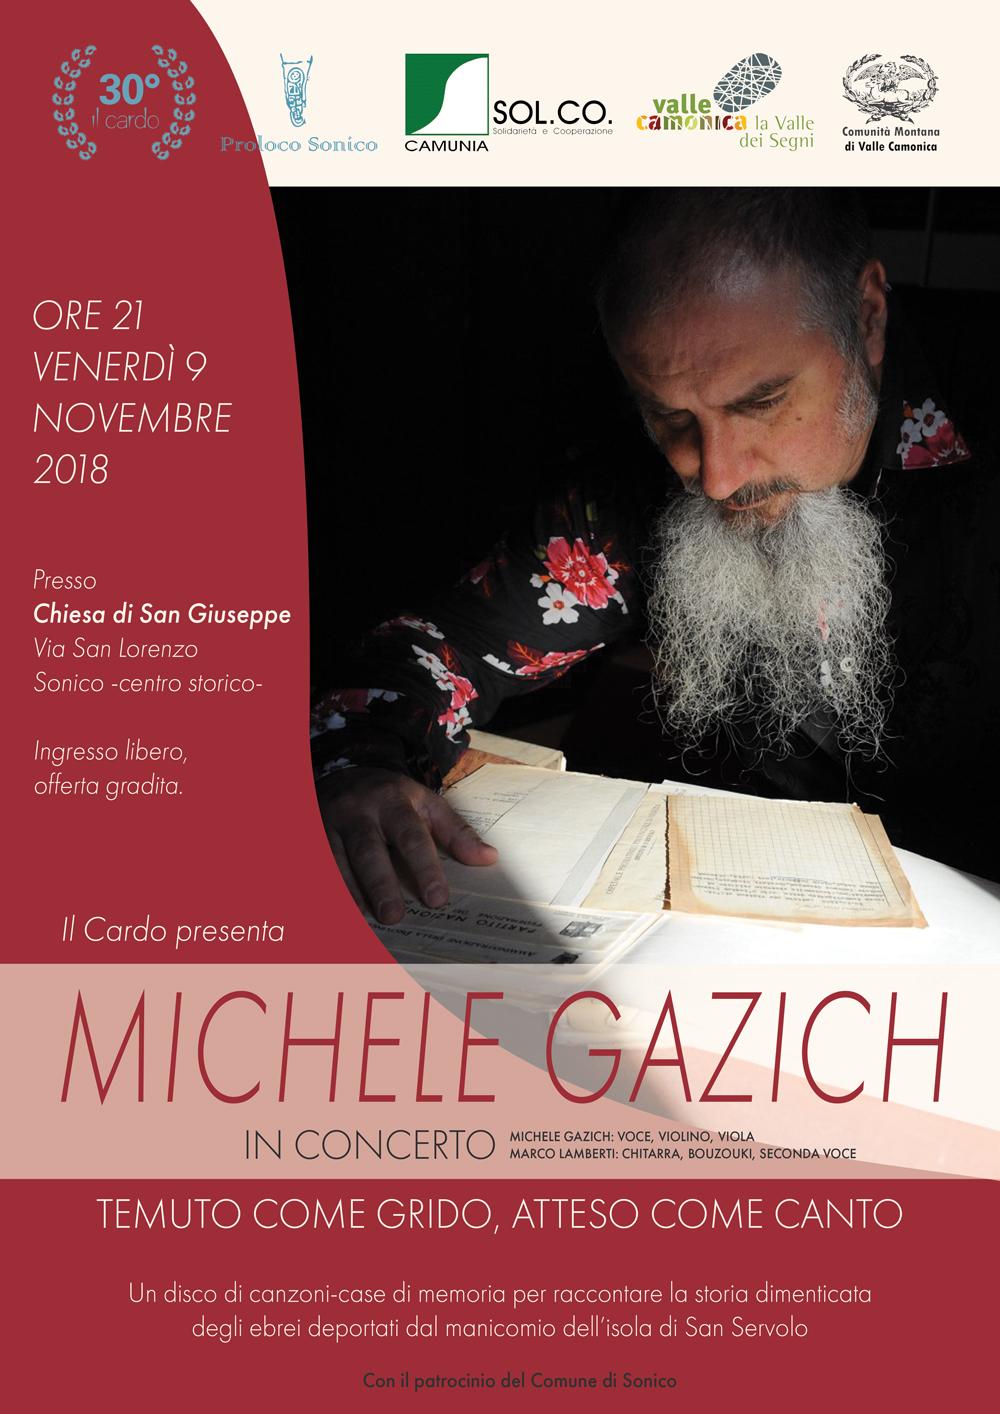 Michele Gazich in concerto